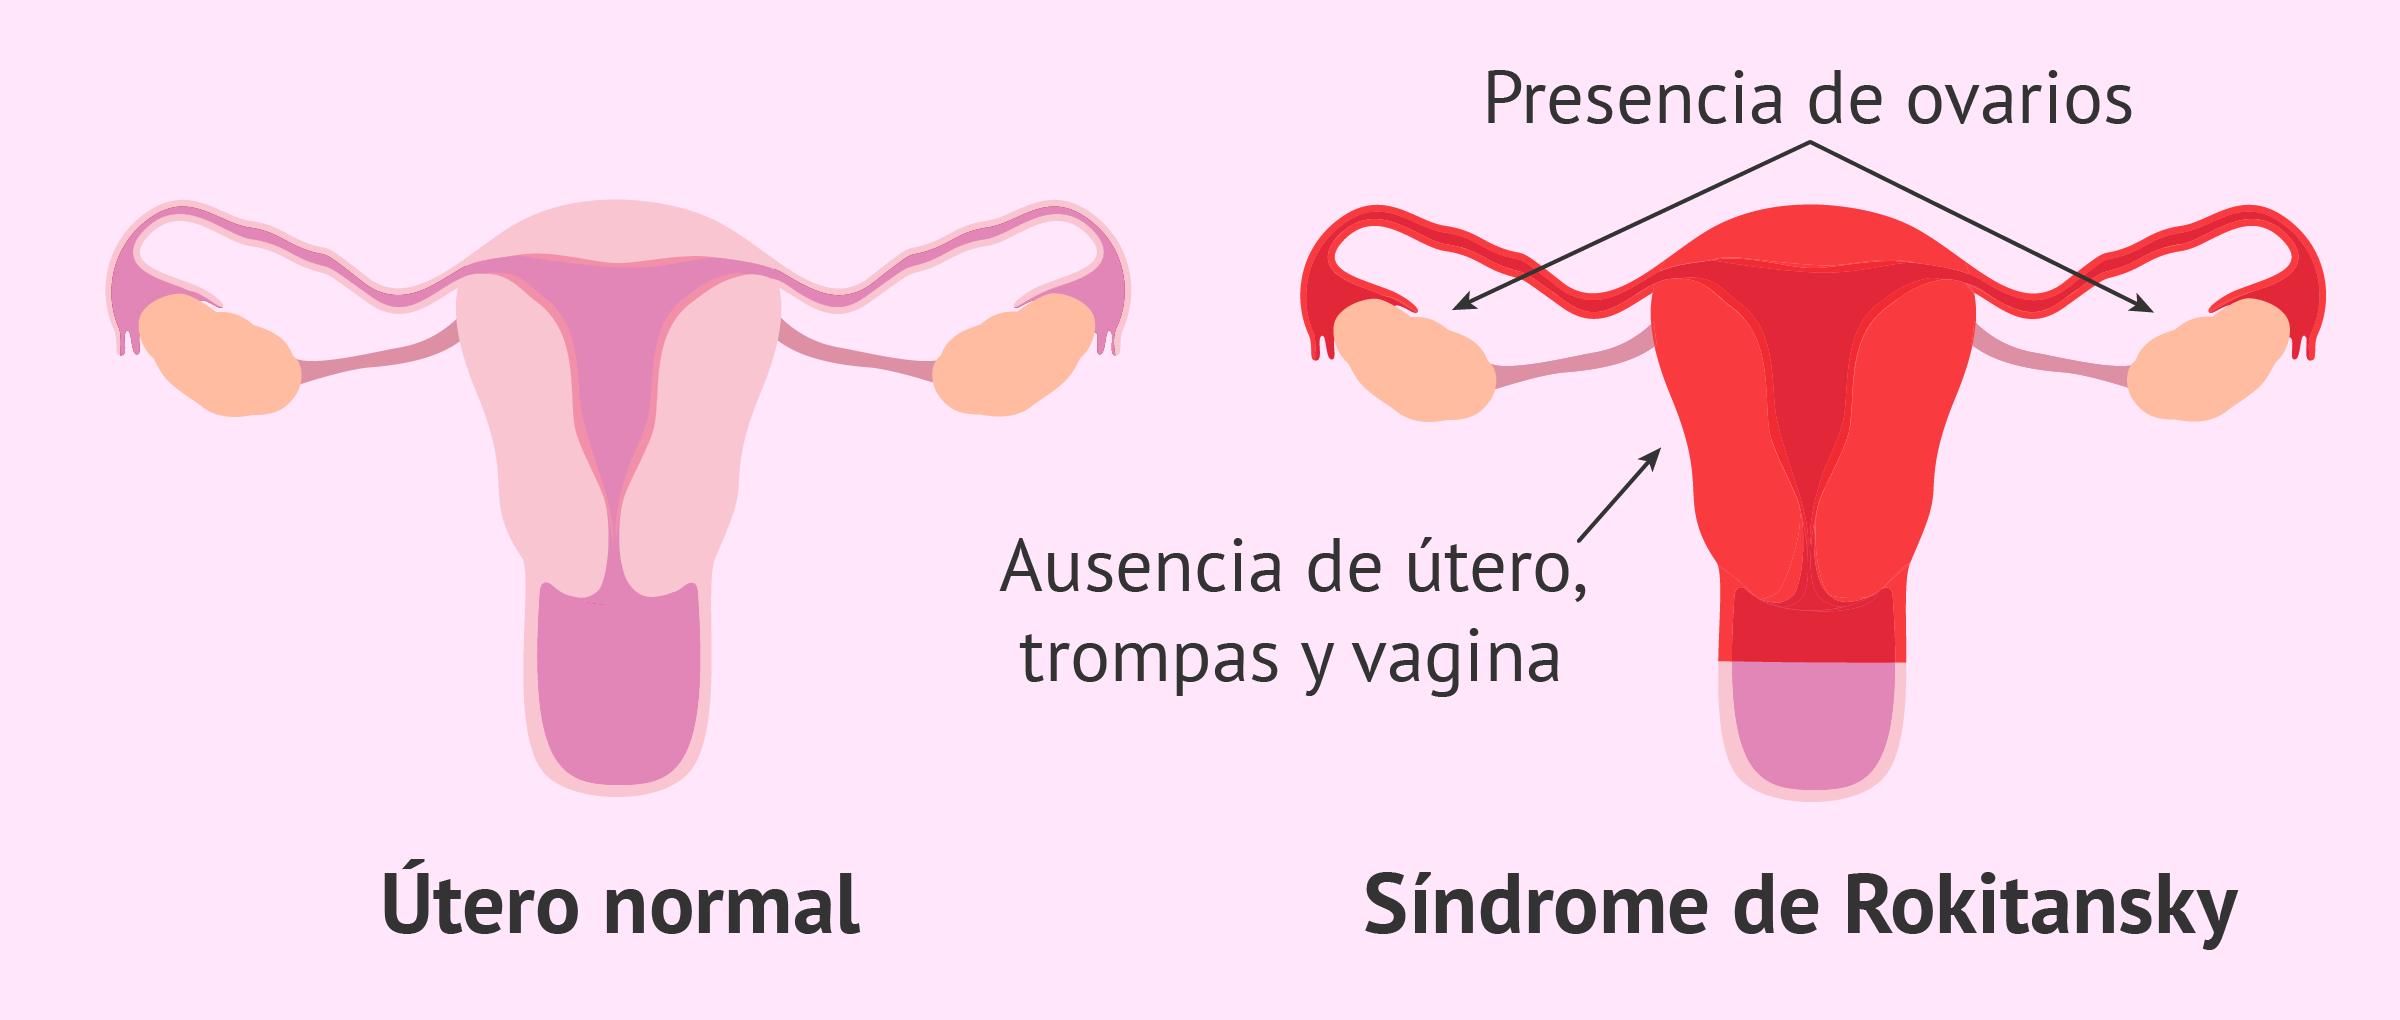 Ausencia de vagina, útero y trompas